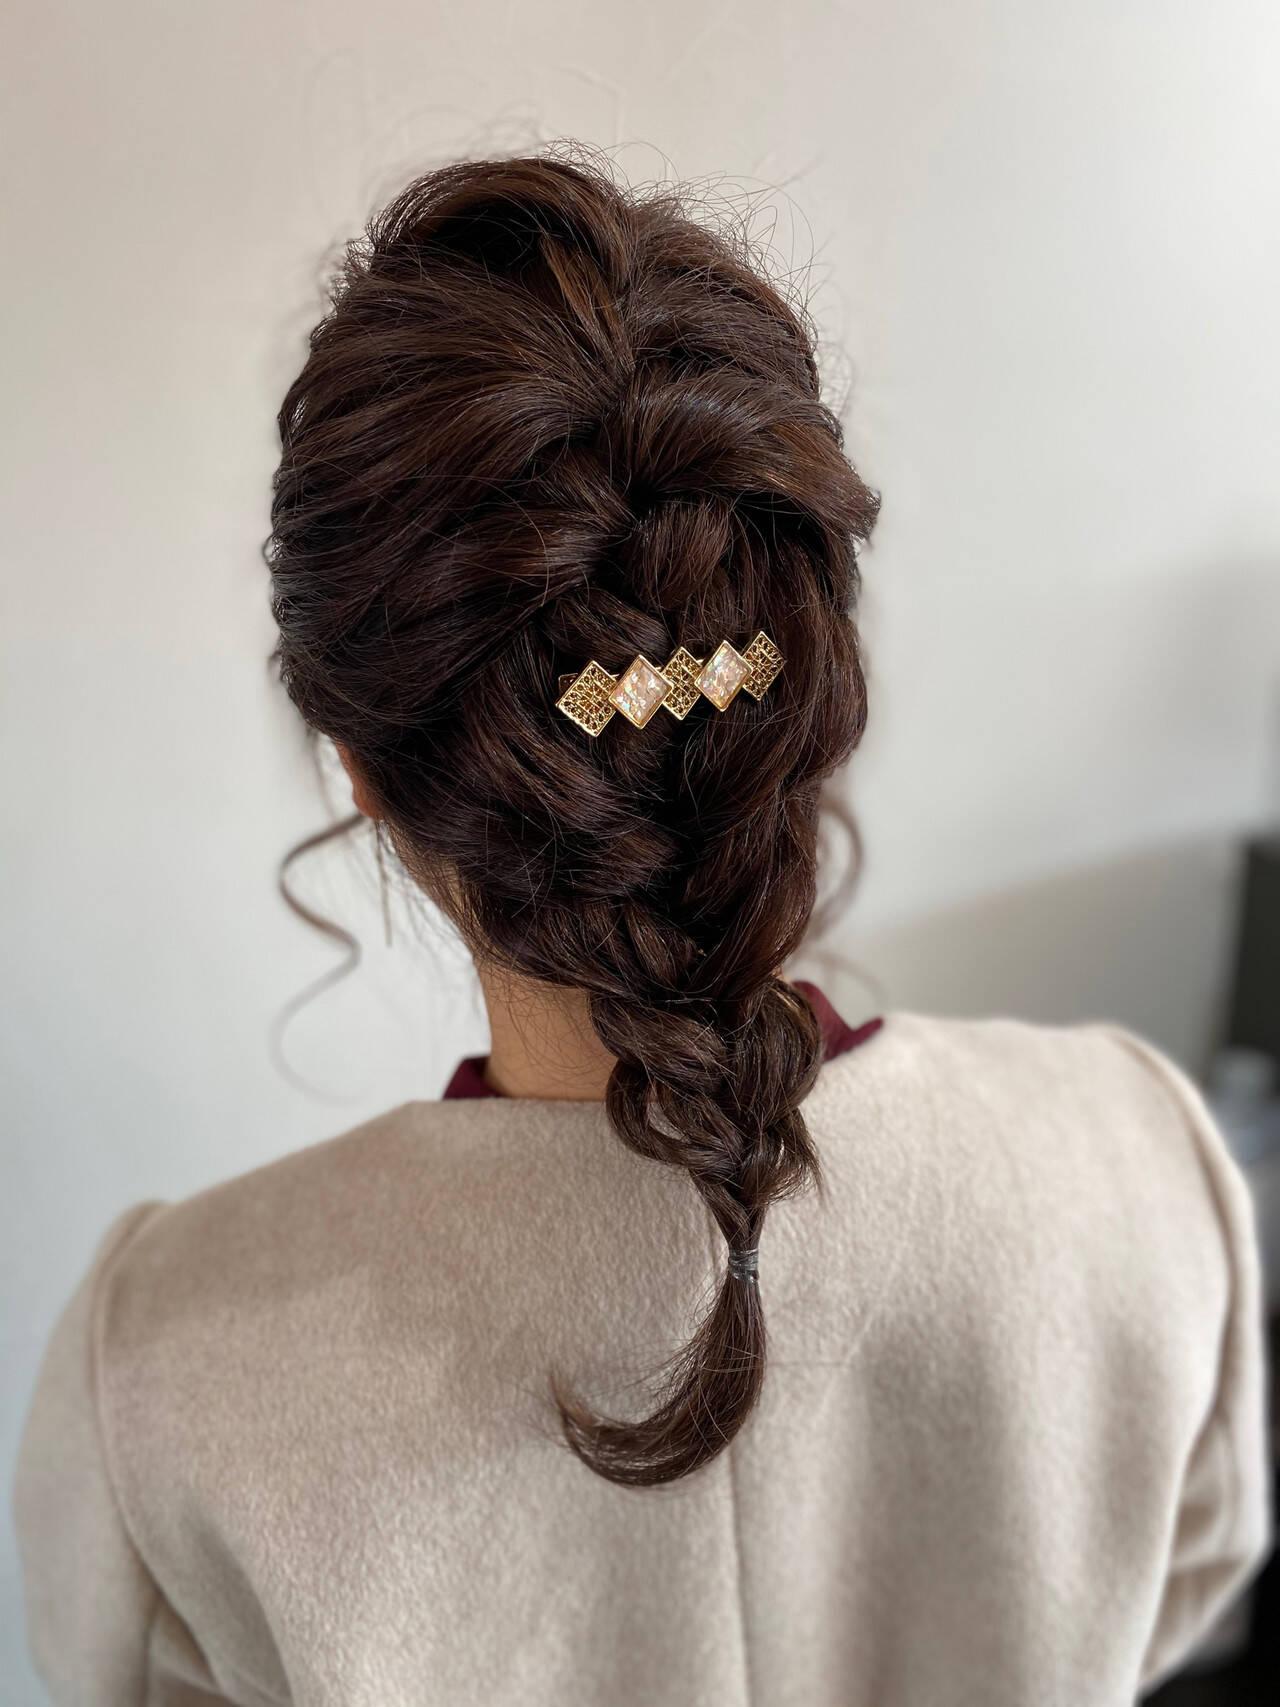 ナチュラル ロング 中津市ヘアセット ヘアセットヘアスタイルや髪型の写真・画像